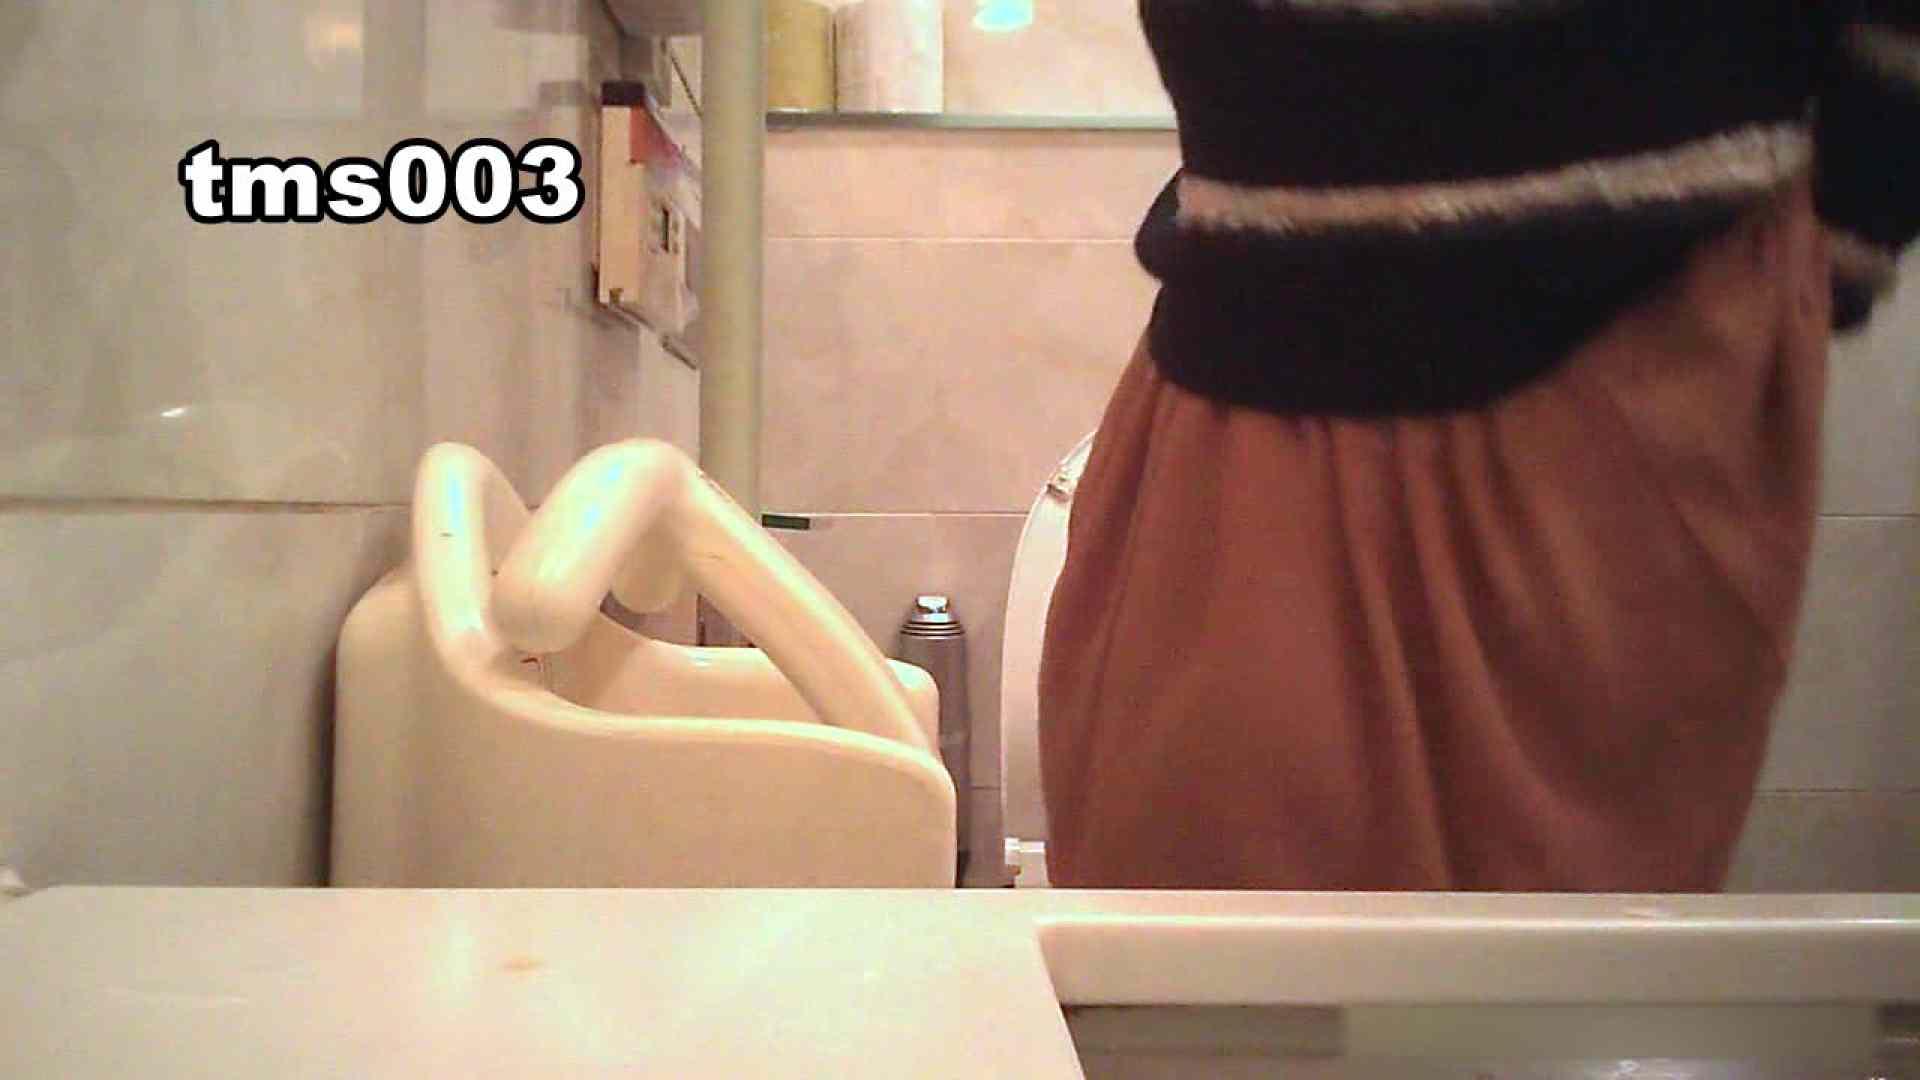 トイメンの割れ目 vol.003 OLハメ撮り  27Pix 23